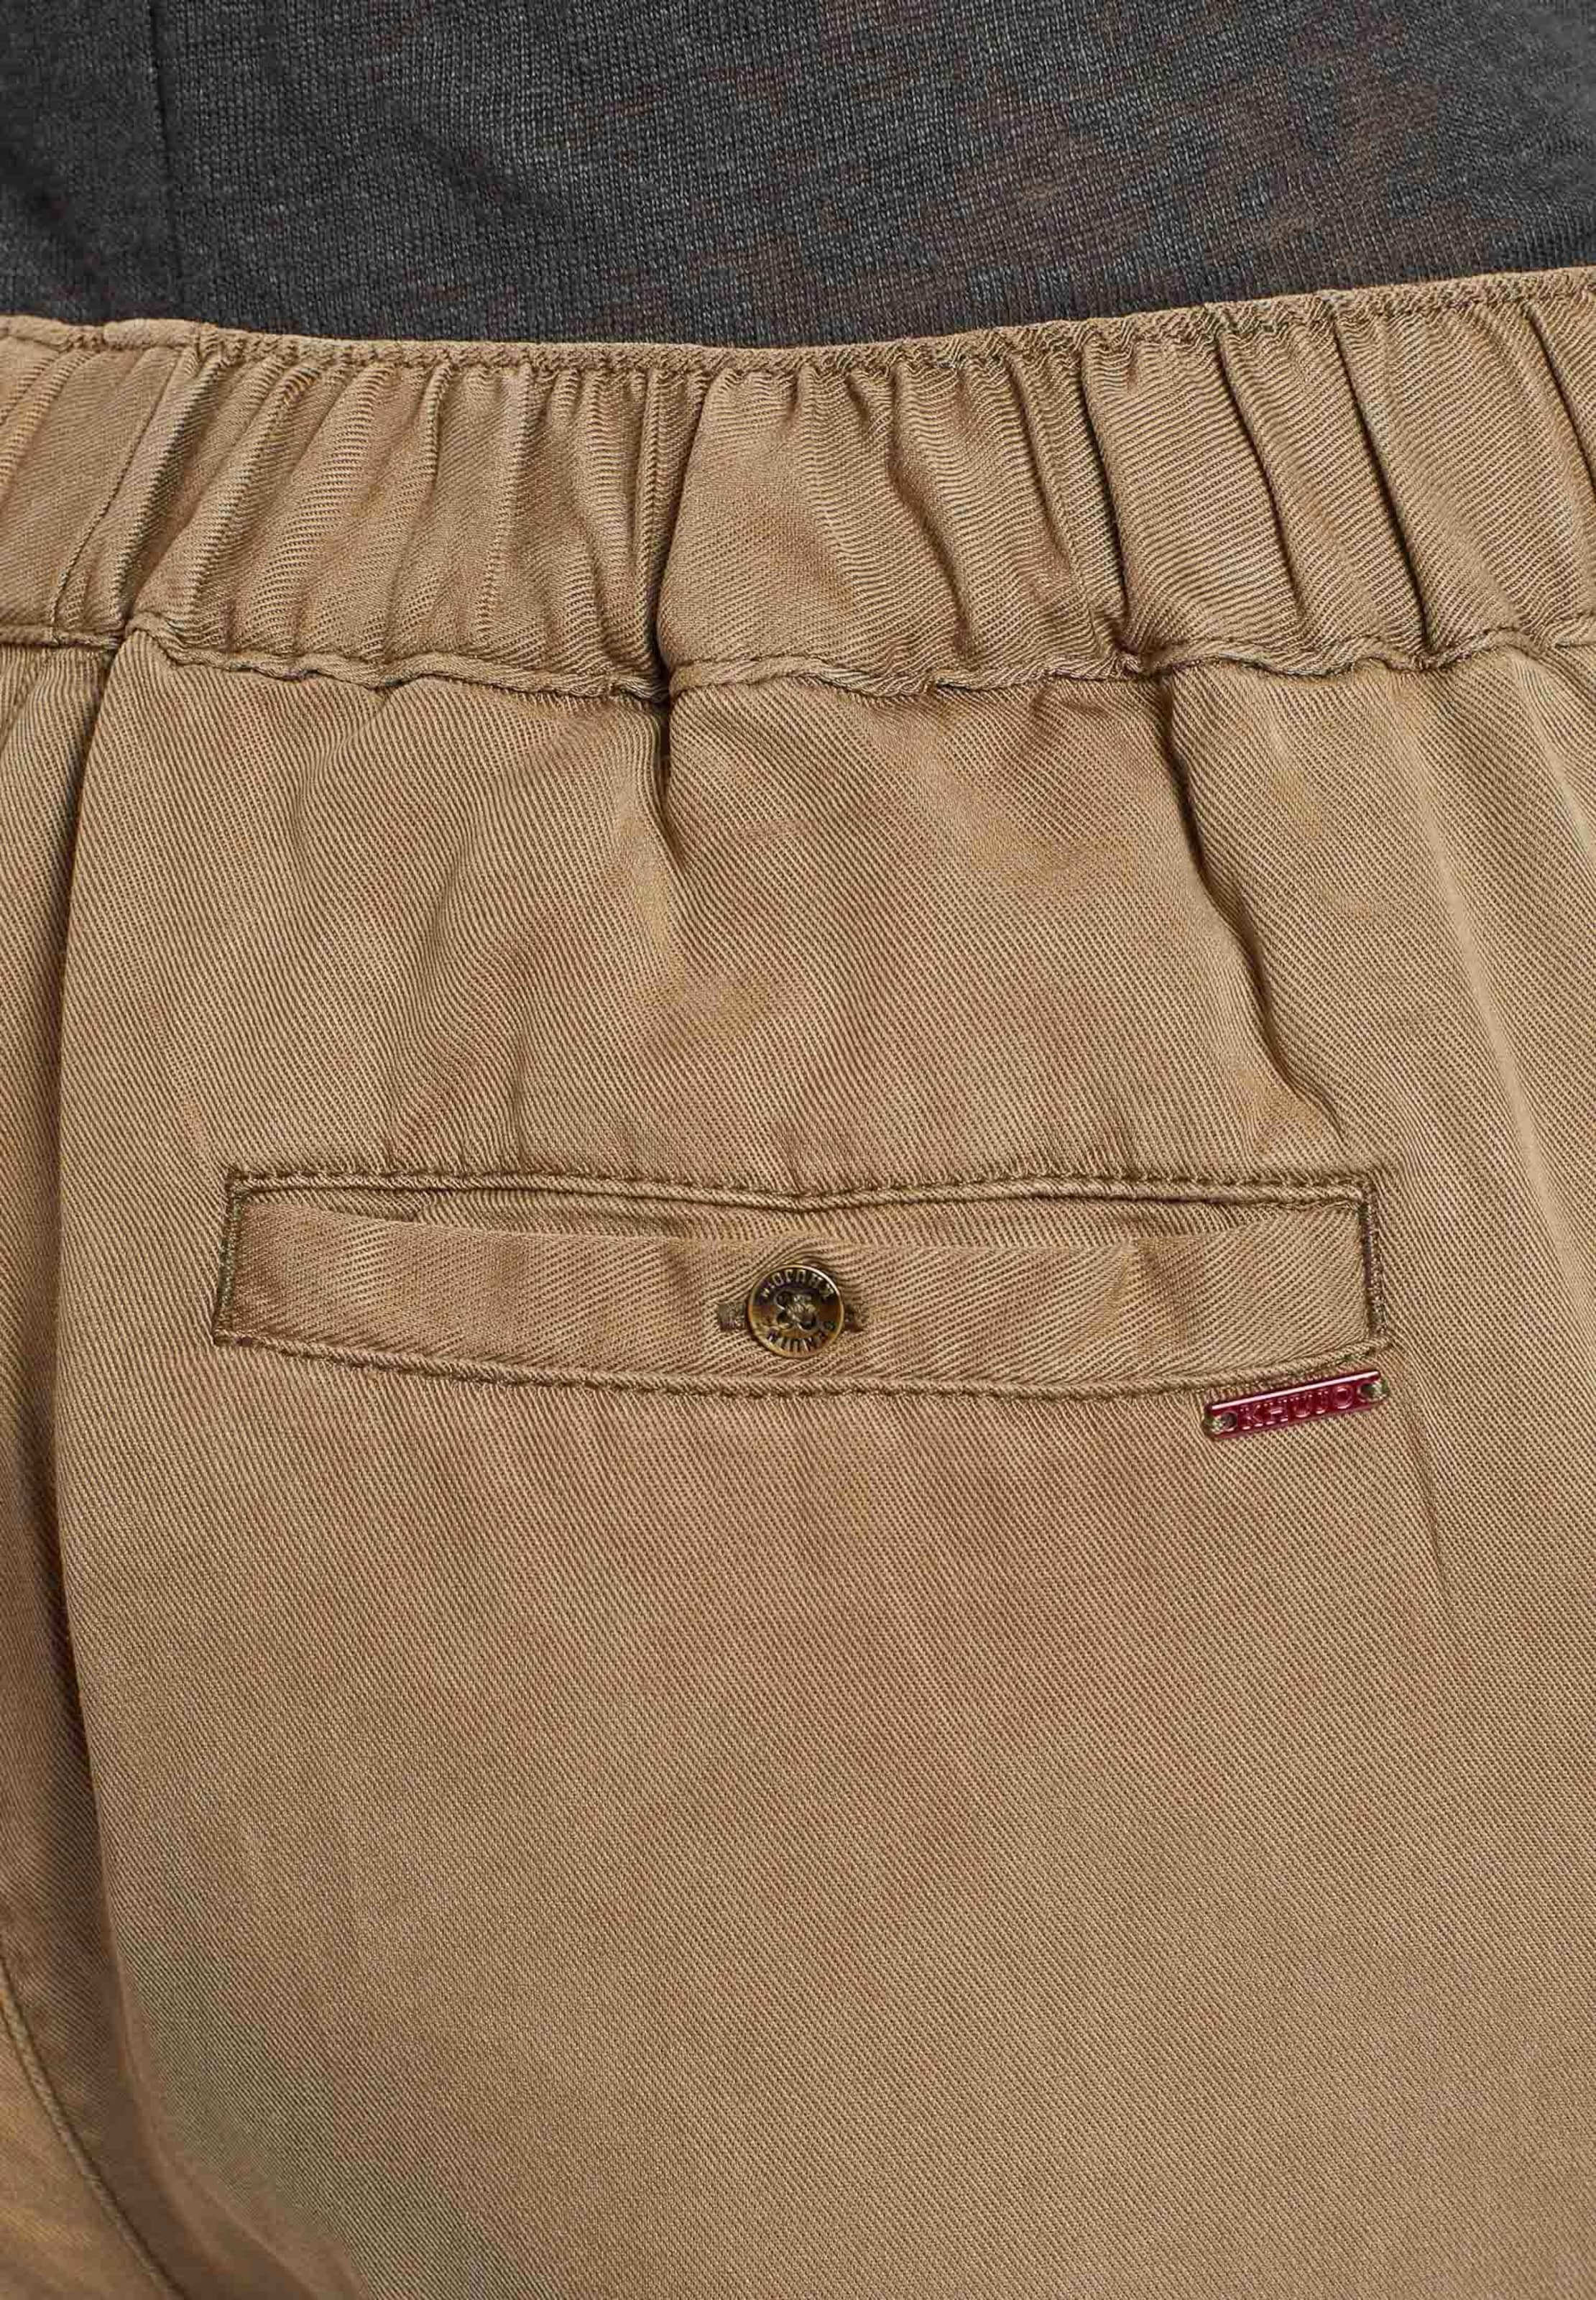 Khujo En Khujo Brocart 'evangelia' Brocart Pantalon Pantalon 'evangelia' Khujo En 8nwOP0k